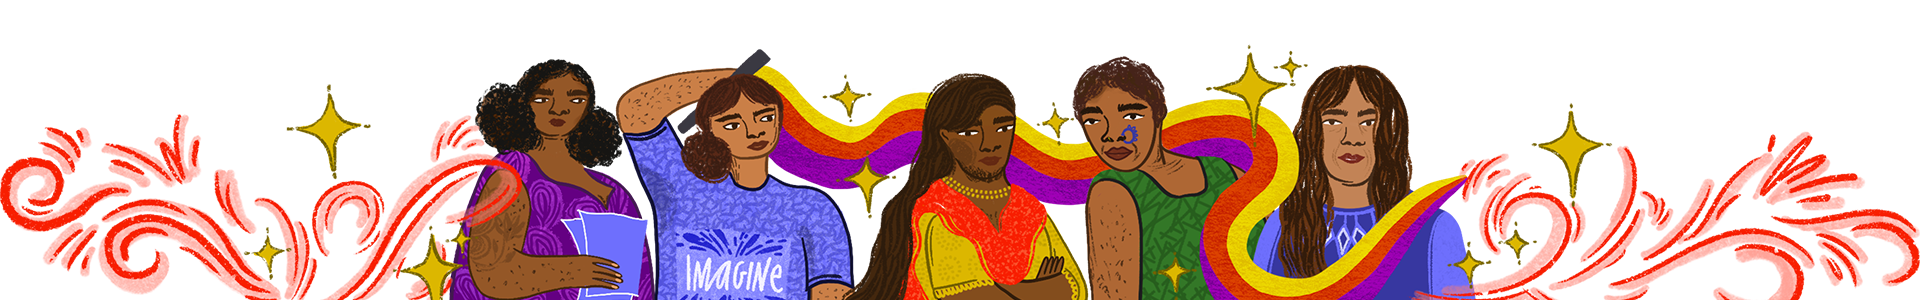 Digital illustration of five women representing feminism